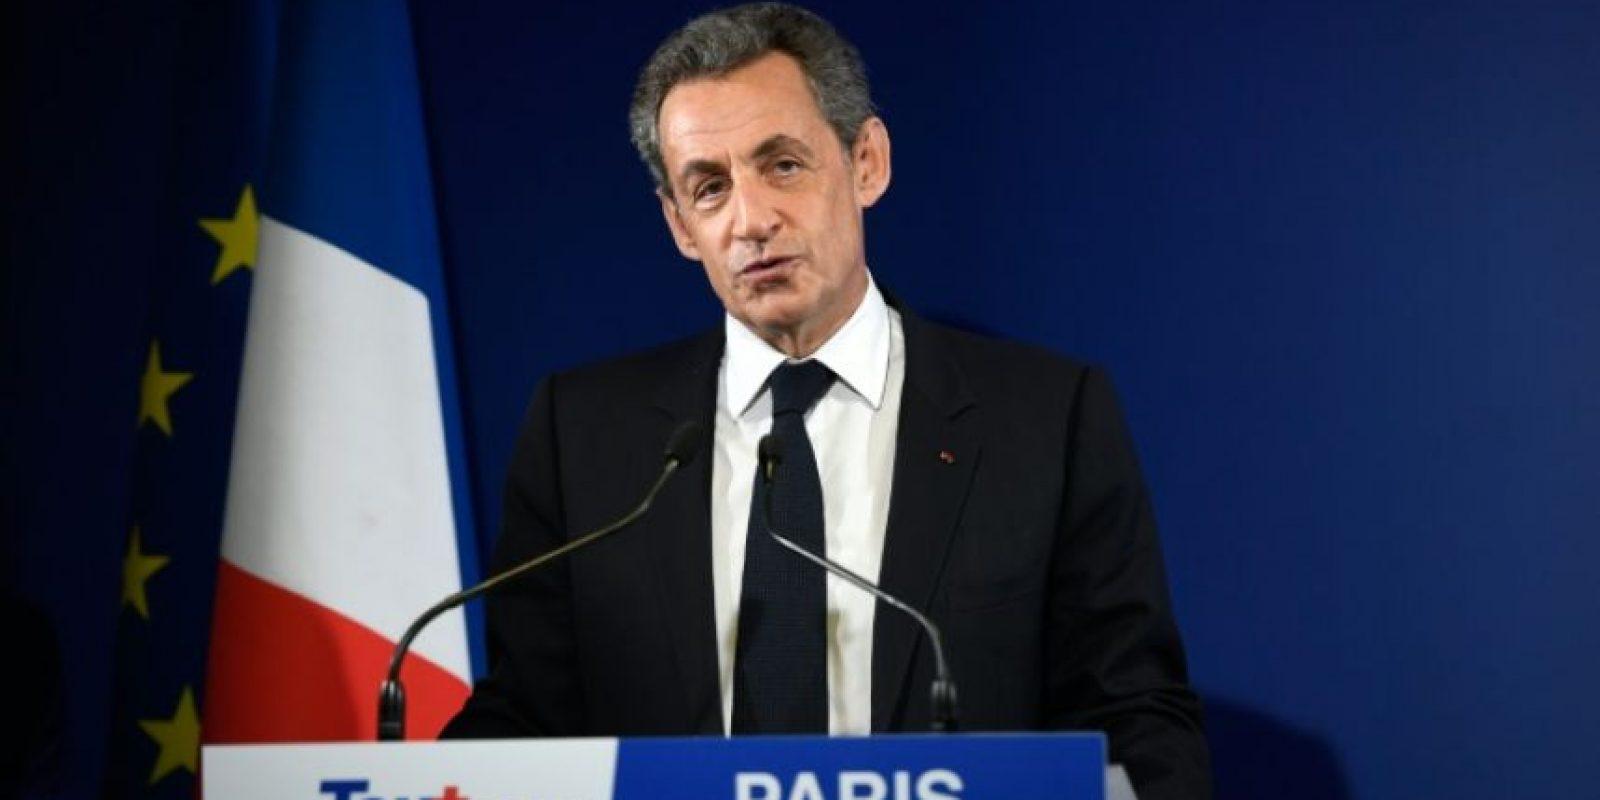 El expresidente de Francia Nicolás Sarkozy reconoce, el 20 de noviembre de 2016, su derrota en las elecciones primarias por la candidatura de la derecha para las presidenciales de 2017 Foto:ERIC FEFERBERG/afp.com